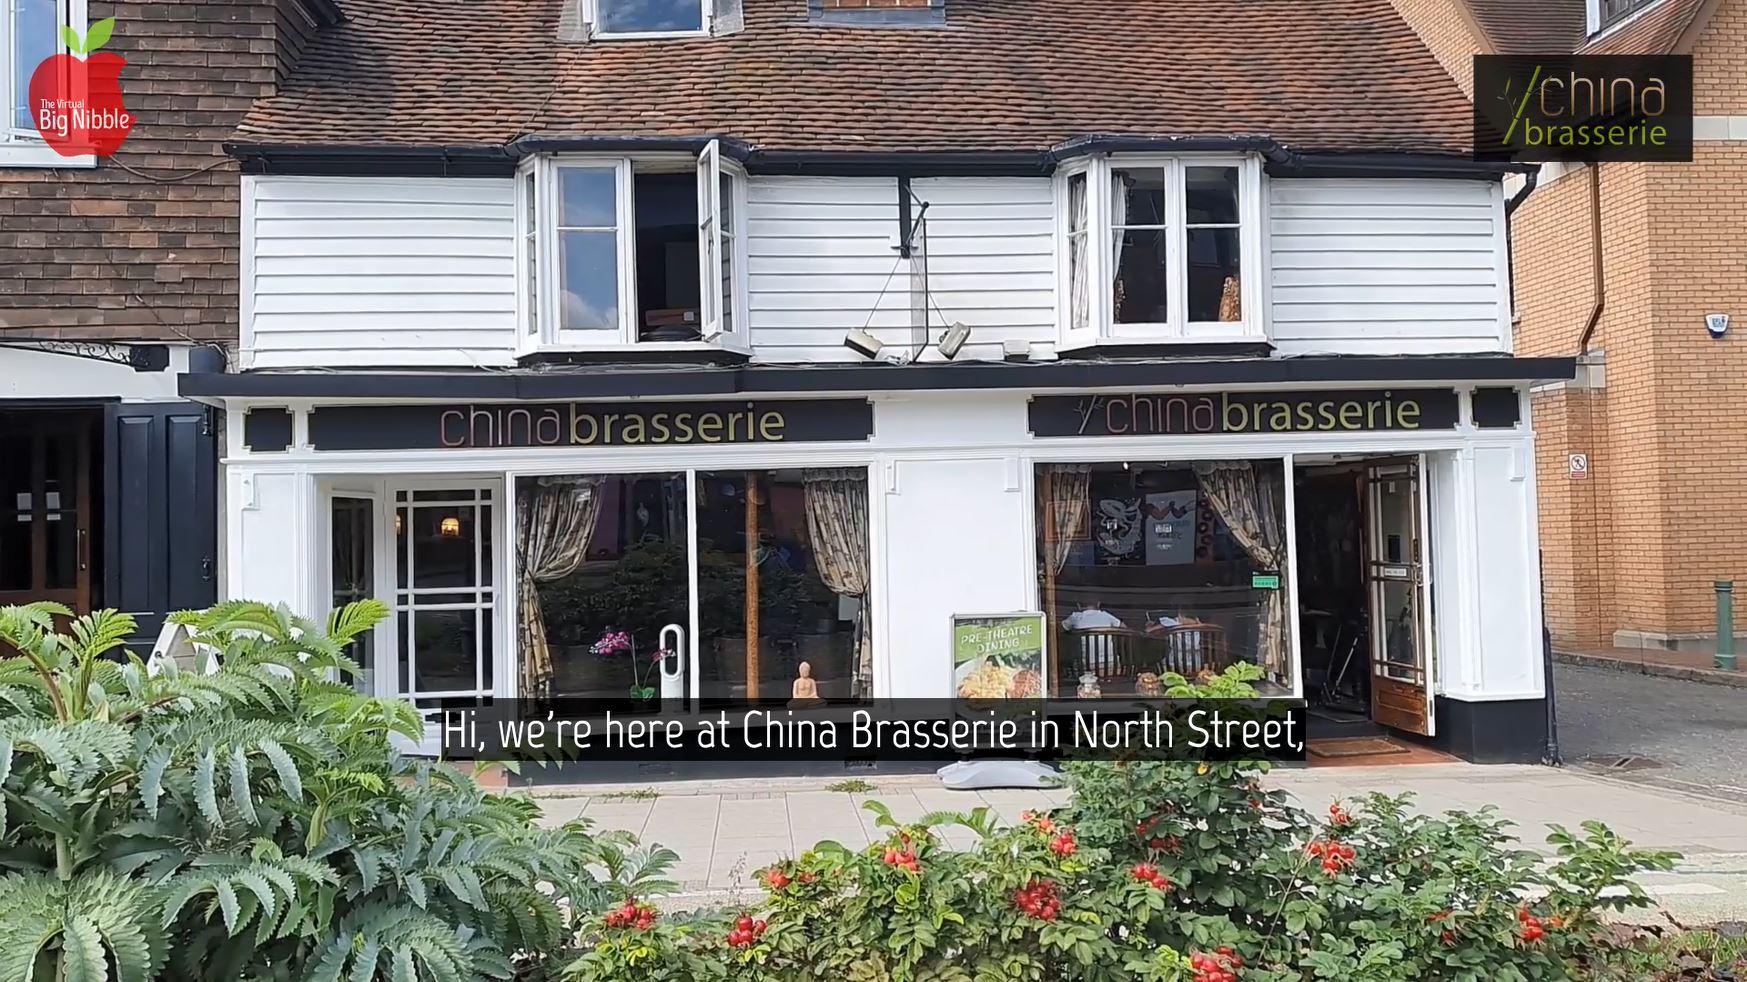 The China Brasseri Horsham